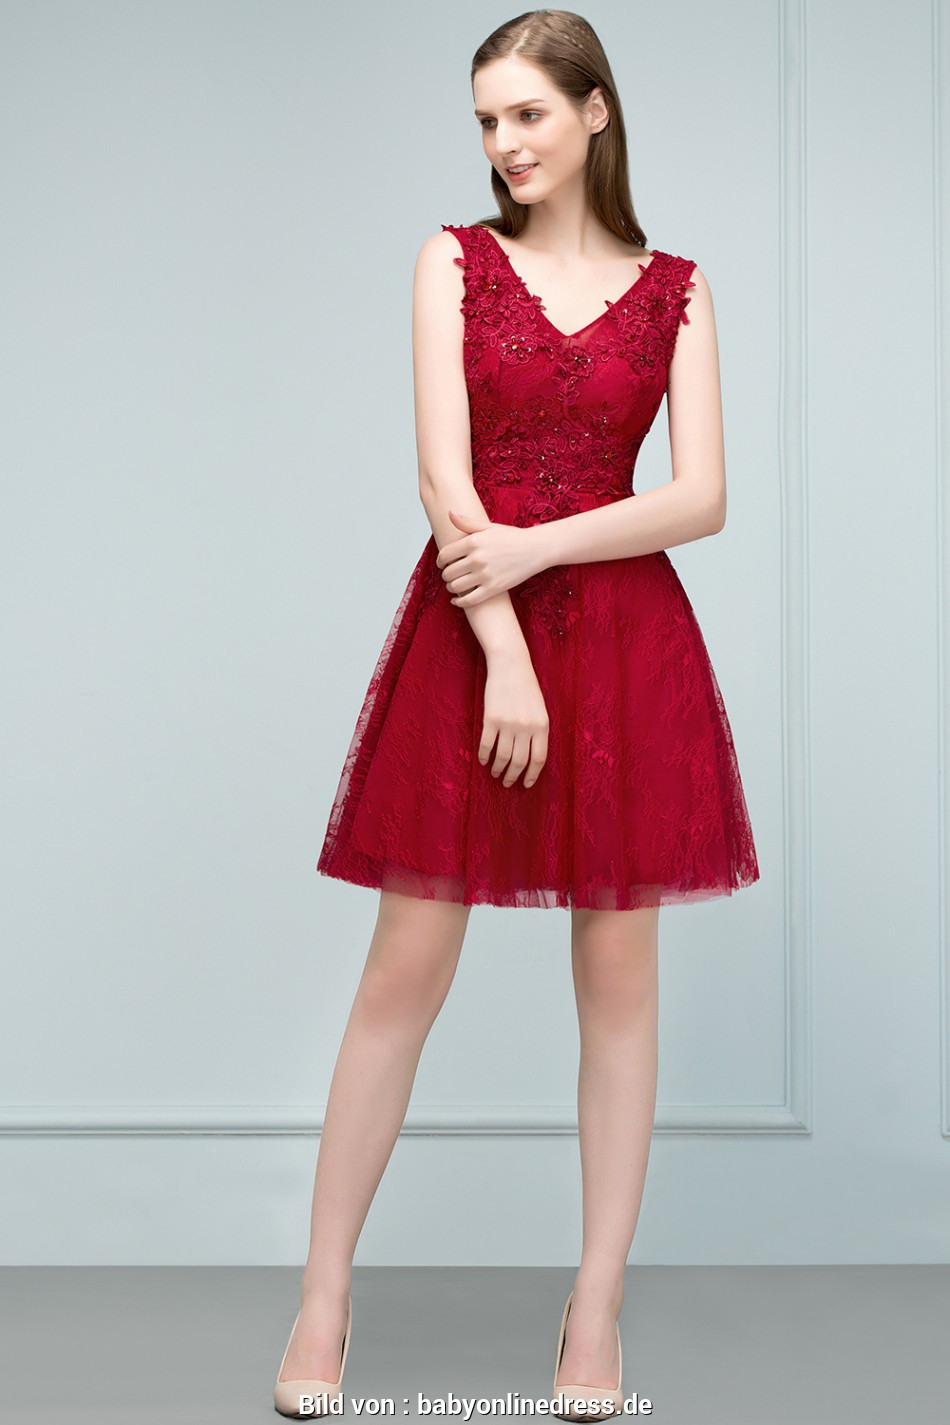 Abend Spektakulär Abend Kleider In Rot Design10 Schön Abend Kleider In Rot Bester Preis